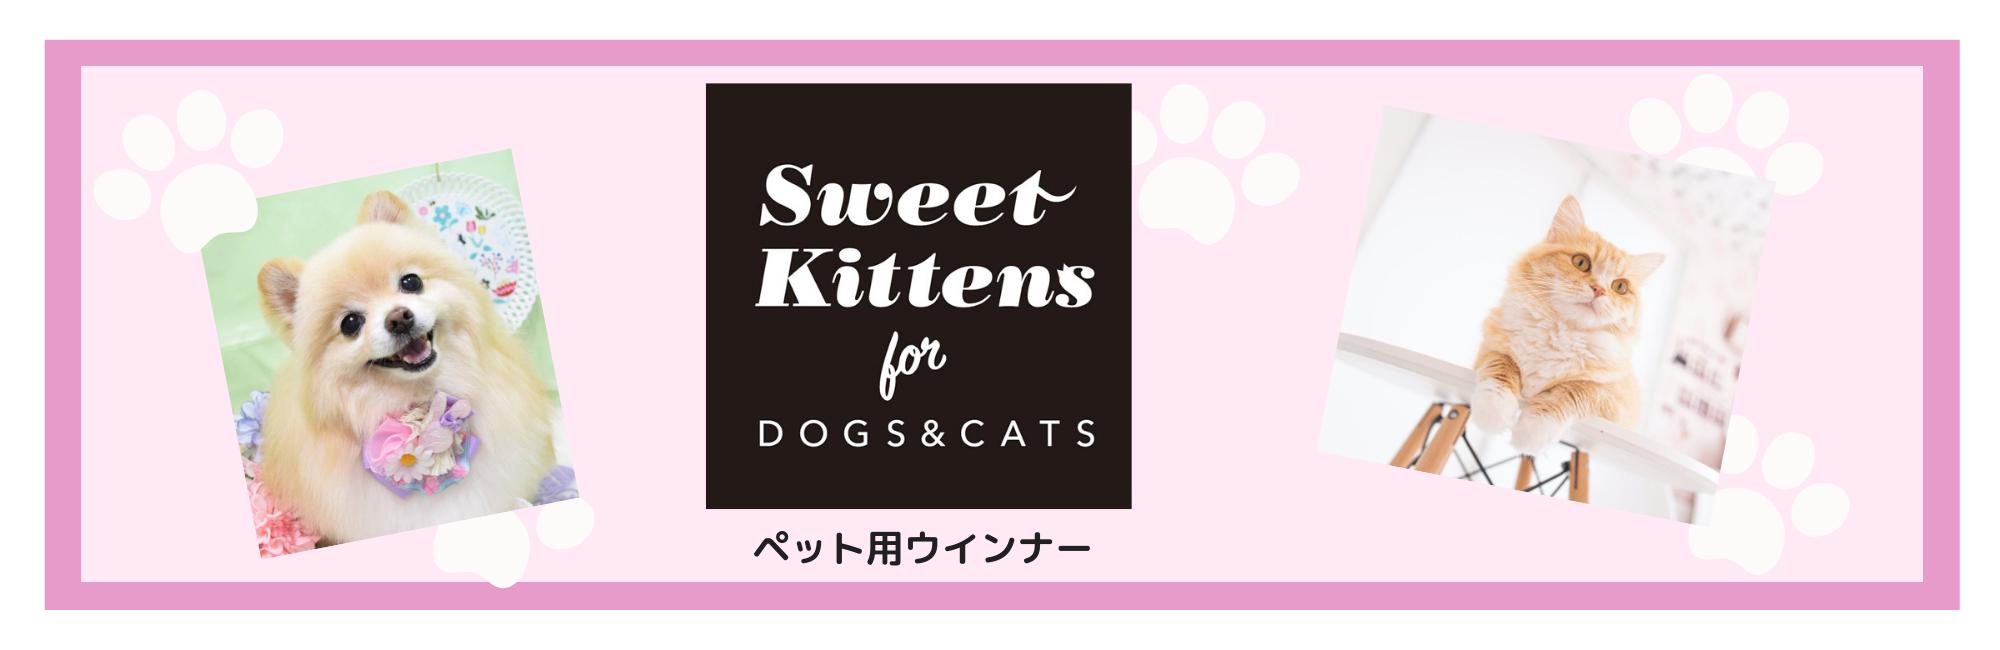 わんにゃんプレミアム(sweet kittens)オンラインショップ